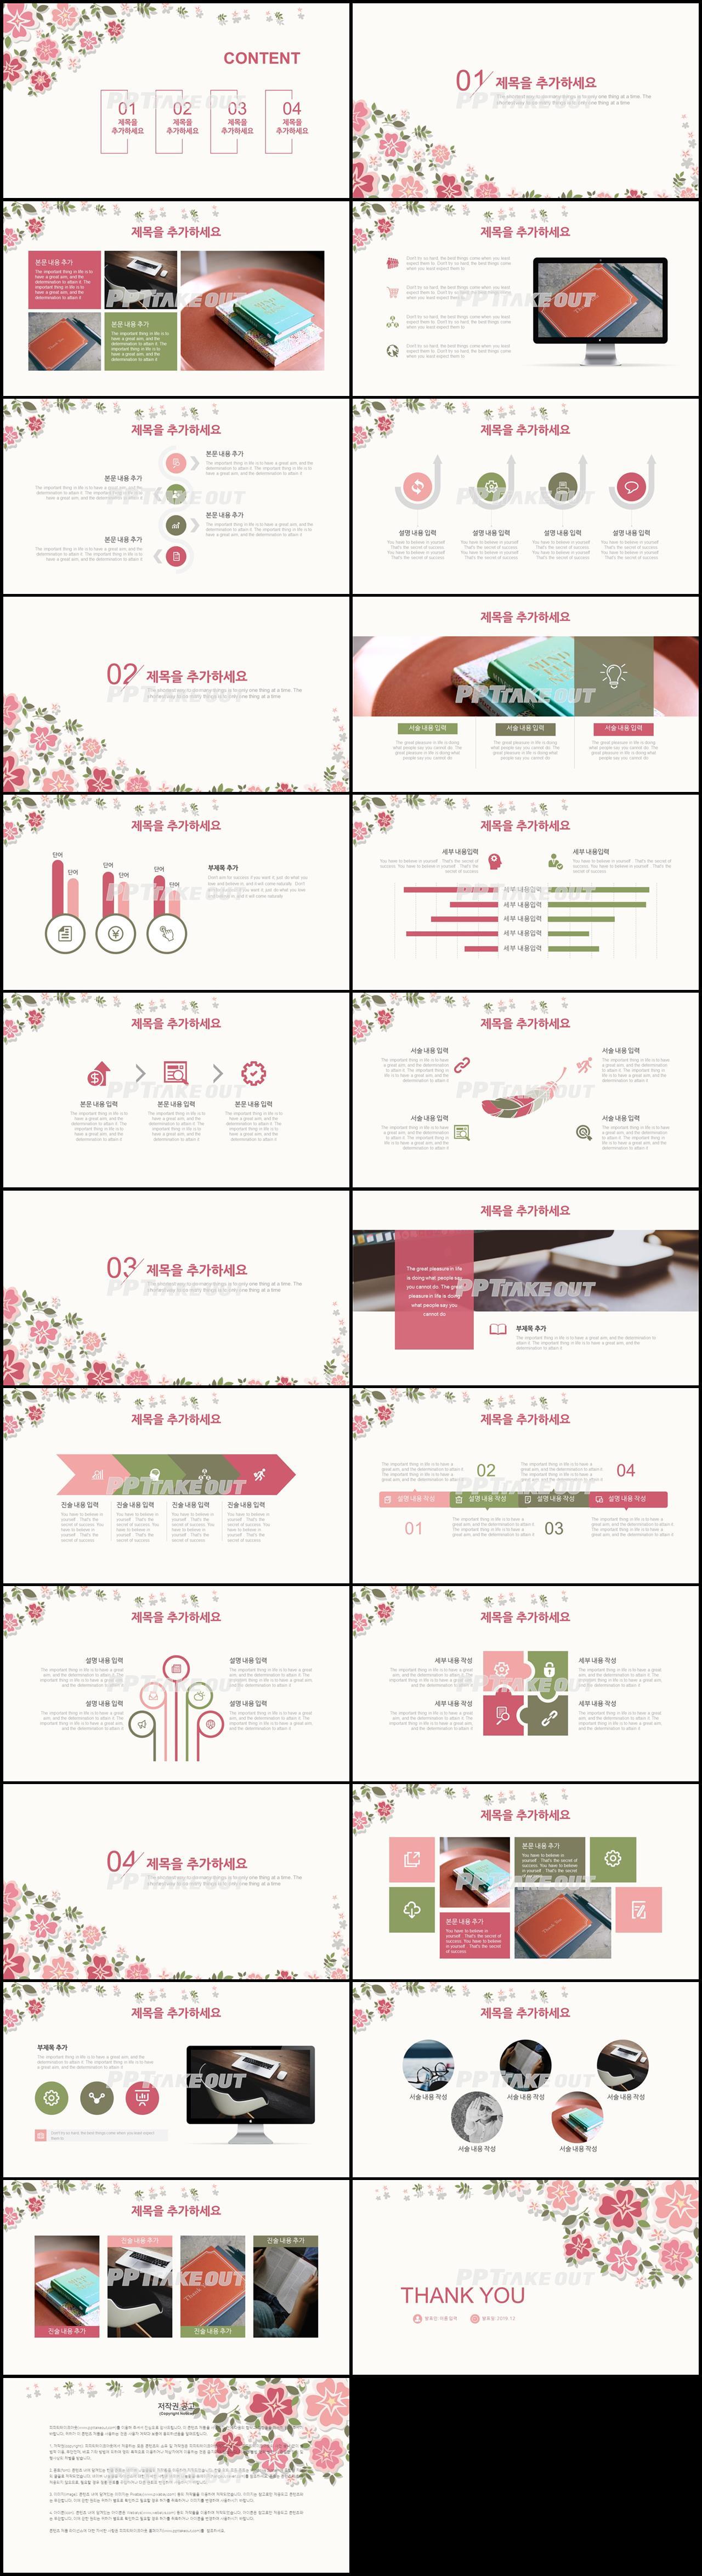 동식물, 애완동물 분홍색 애니메이션 고급스럽운 파워포인트템플릿 사이트 상세보기